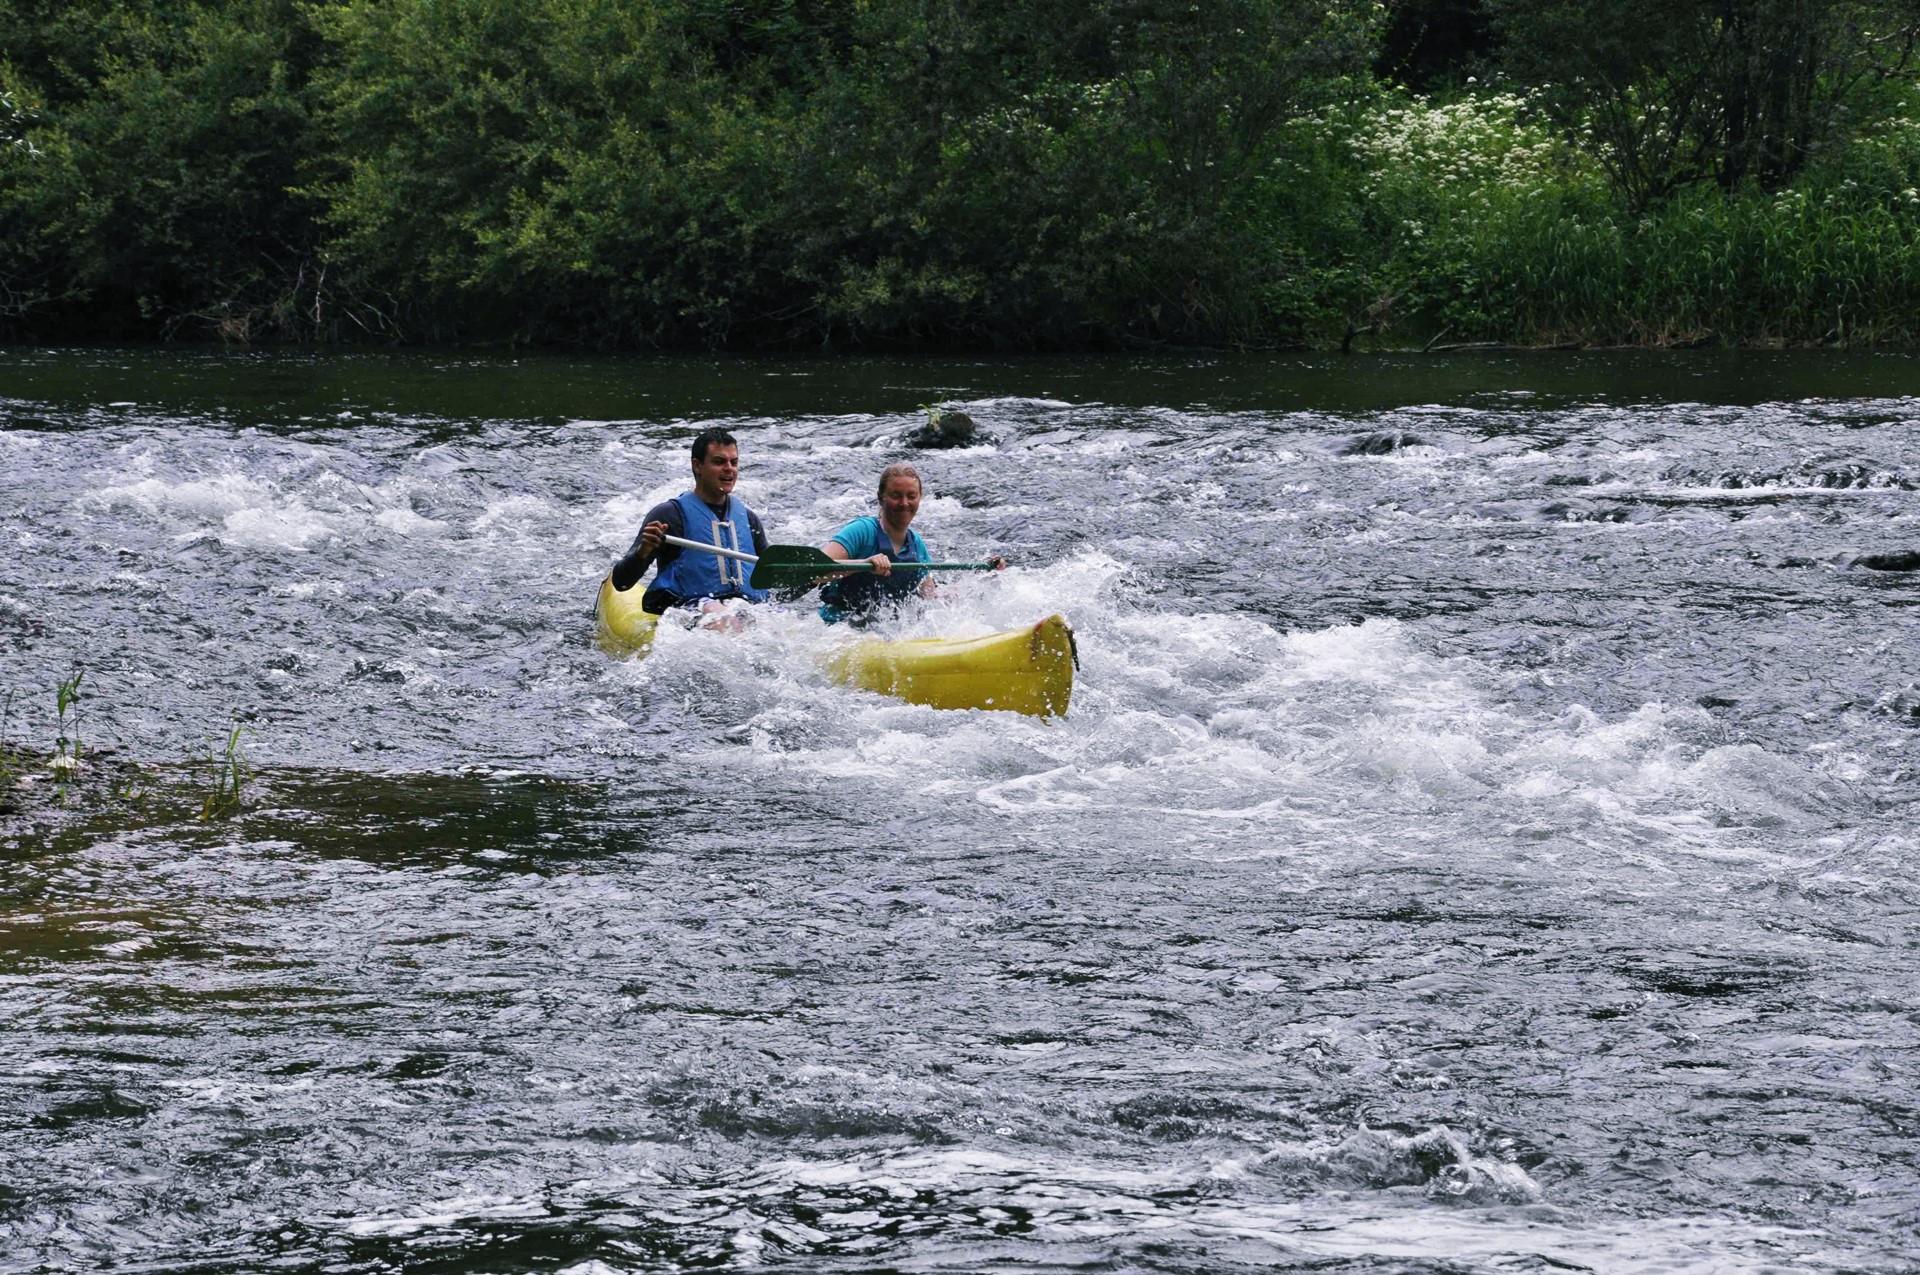 le clip canoë kayak descente doubs activité aquatique st-ursanne canton jura suisse